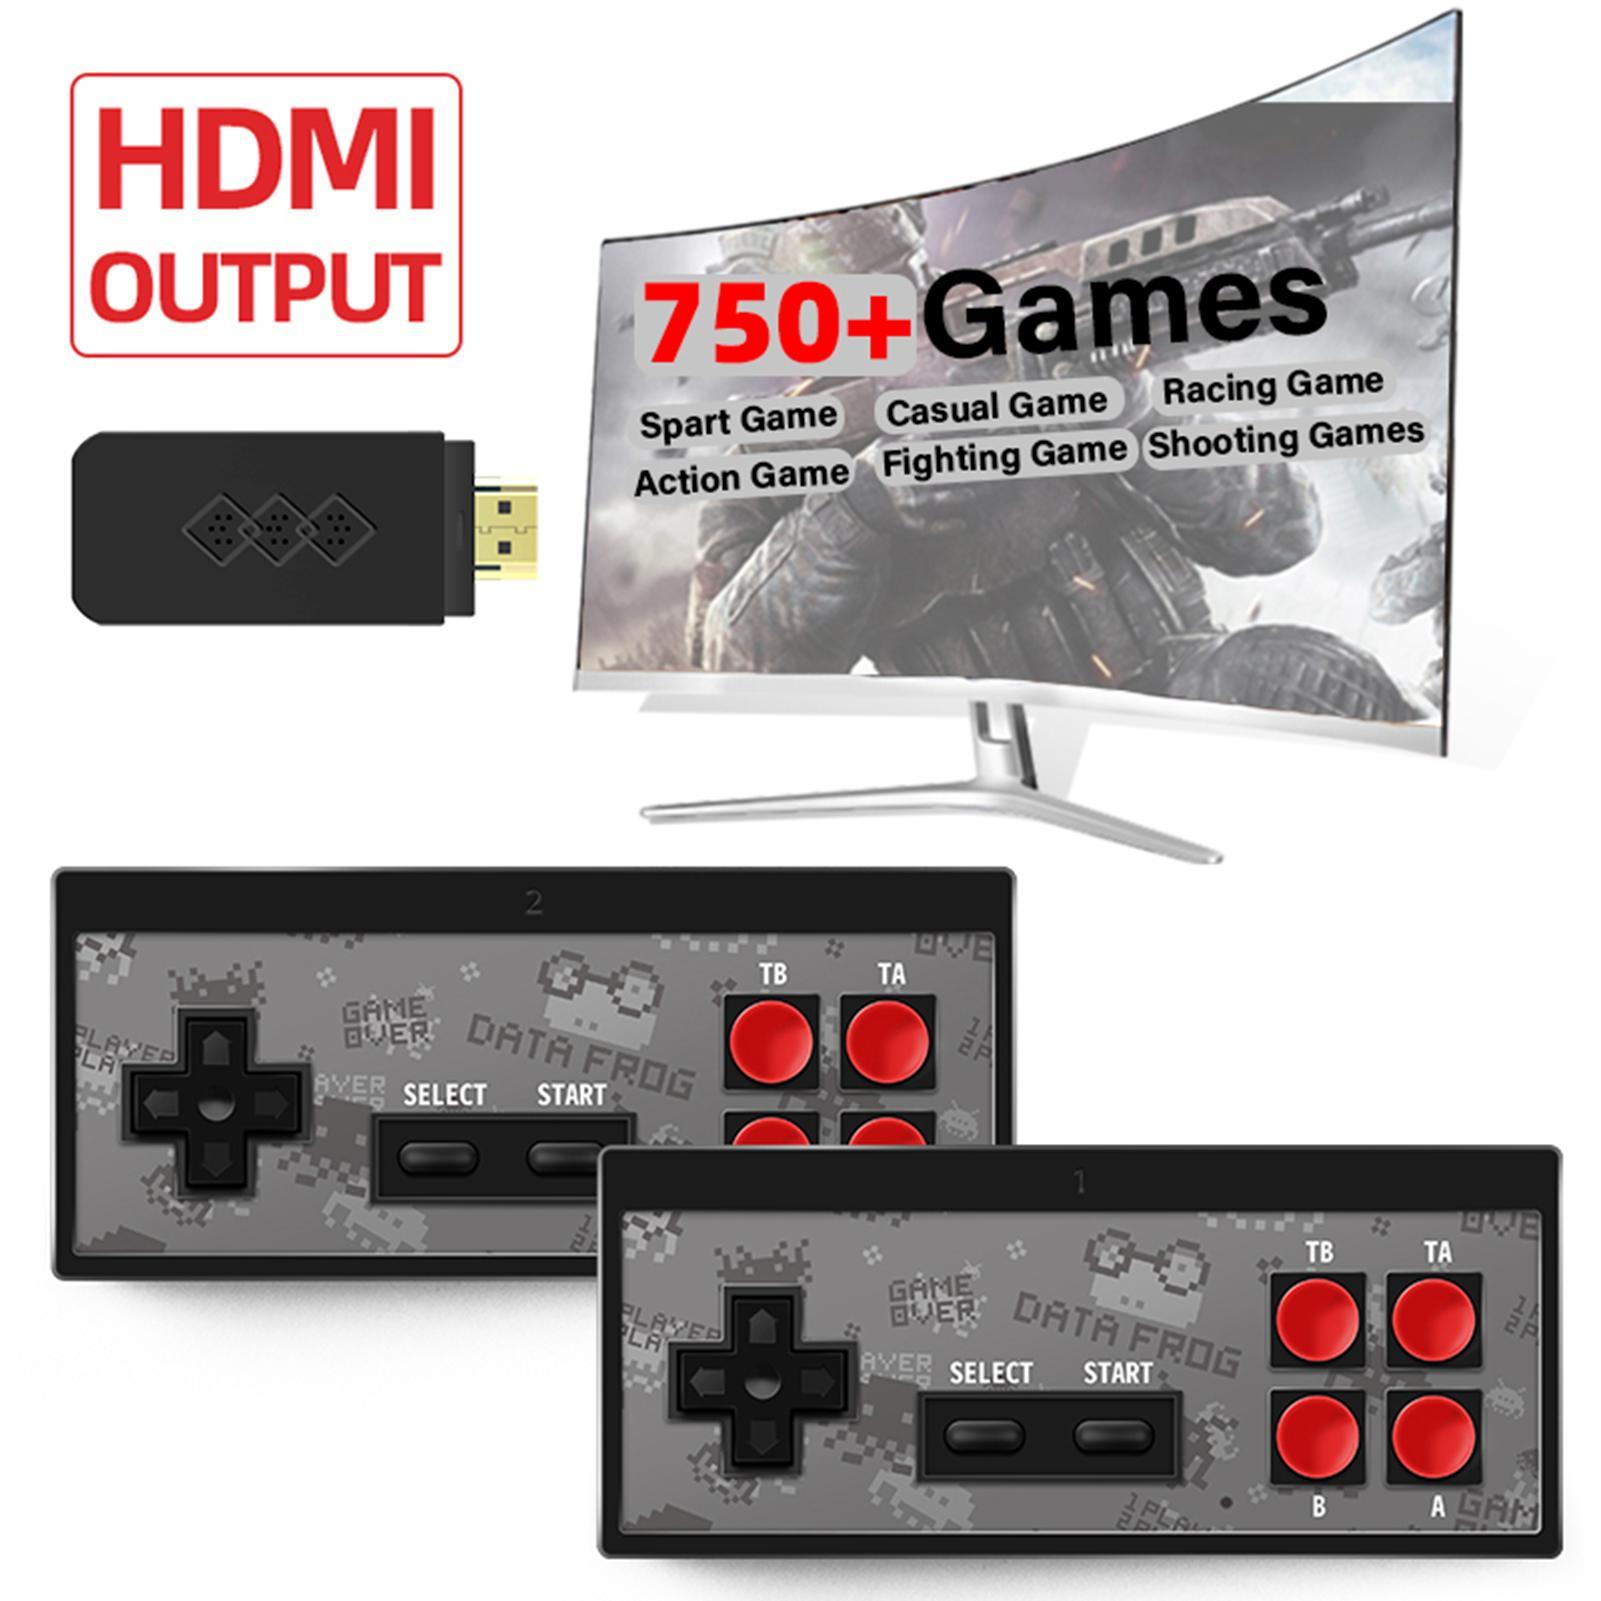 Máy Game Retro Y2S HD 750+ Trò Game Xưa Điện tử Băng Cổ Điển Mini NES/FC Có  Save Load Chính Hãng Data Frog Cắm TV Chơi giá cạnh tranh